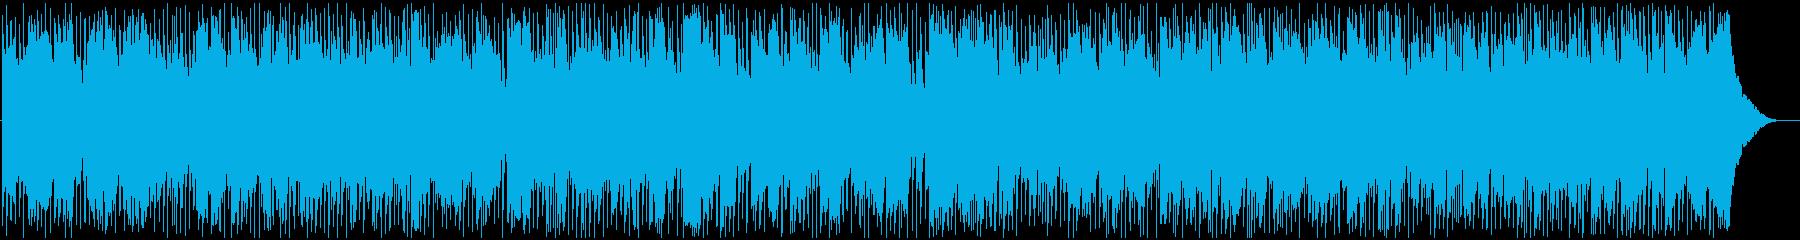 切ないかっこいい疾走感のカントリーポップの再生済みの波形